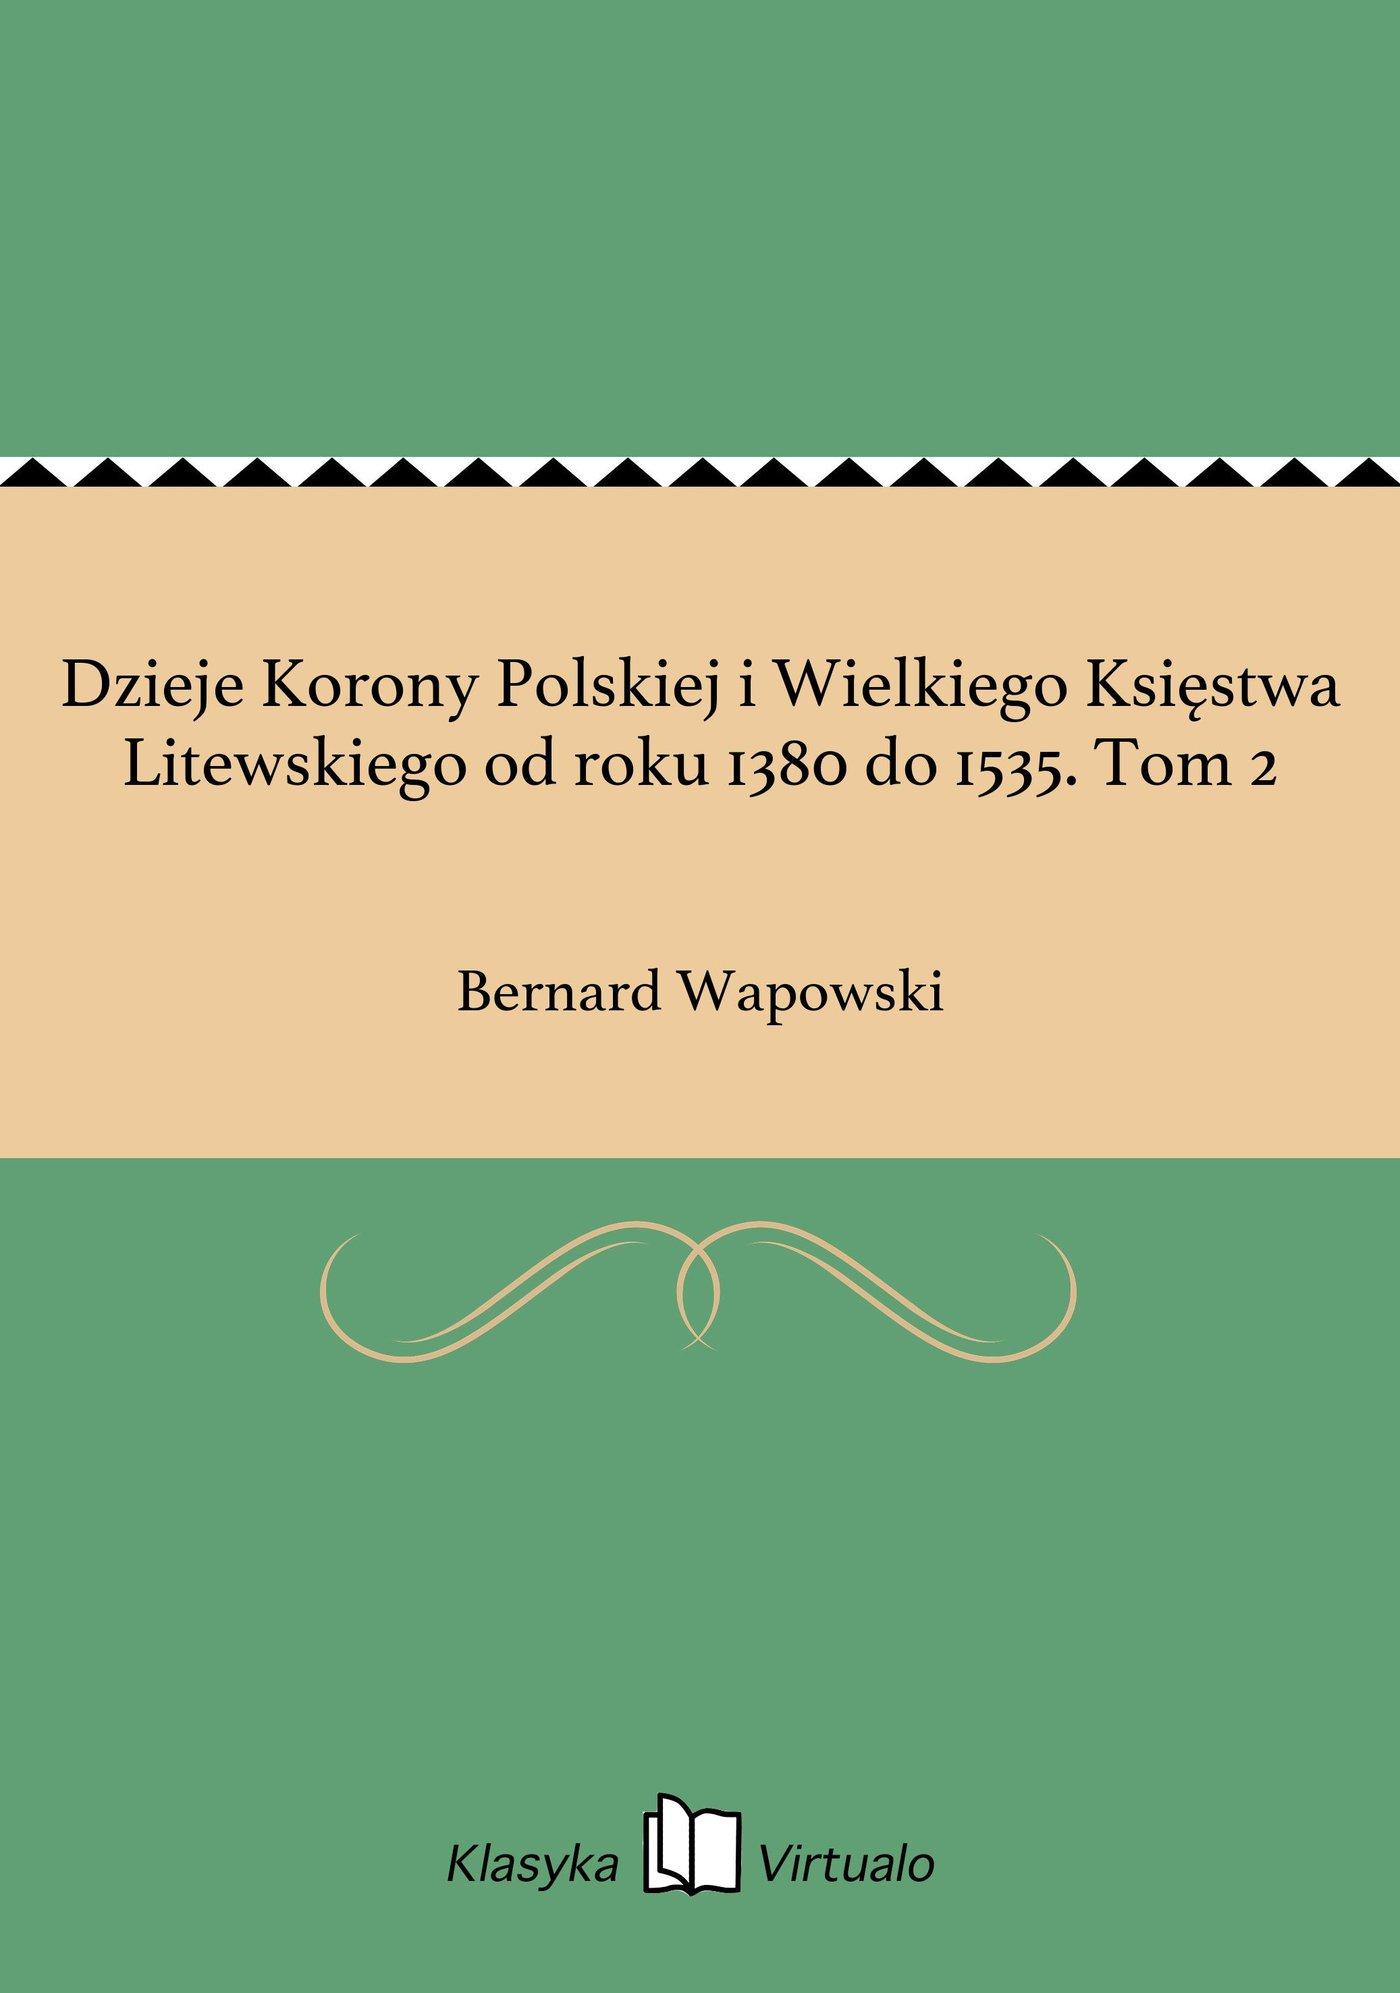 Dzieje Korony Polskiej i Wielkiego Księstwa Litewskiego od roku 1380 do 1535. Tom 2 - Ebook (Książka EPUB) do pobrania w formacie EPUB